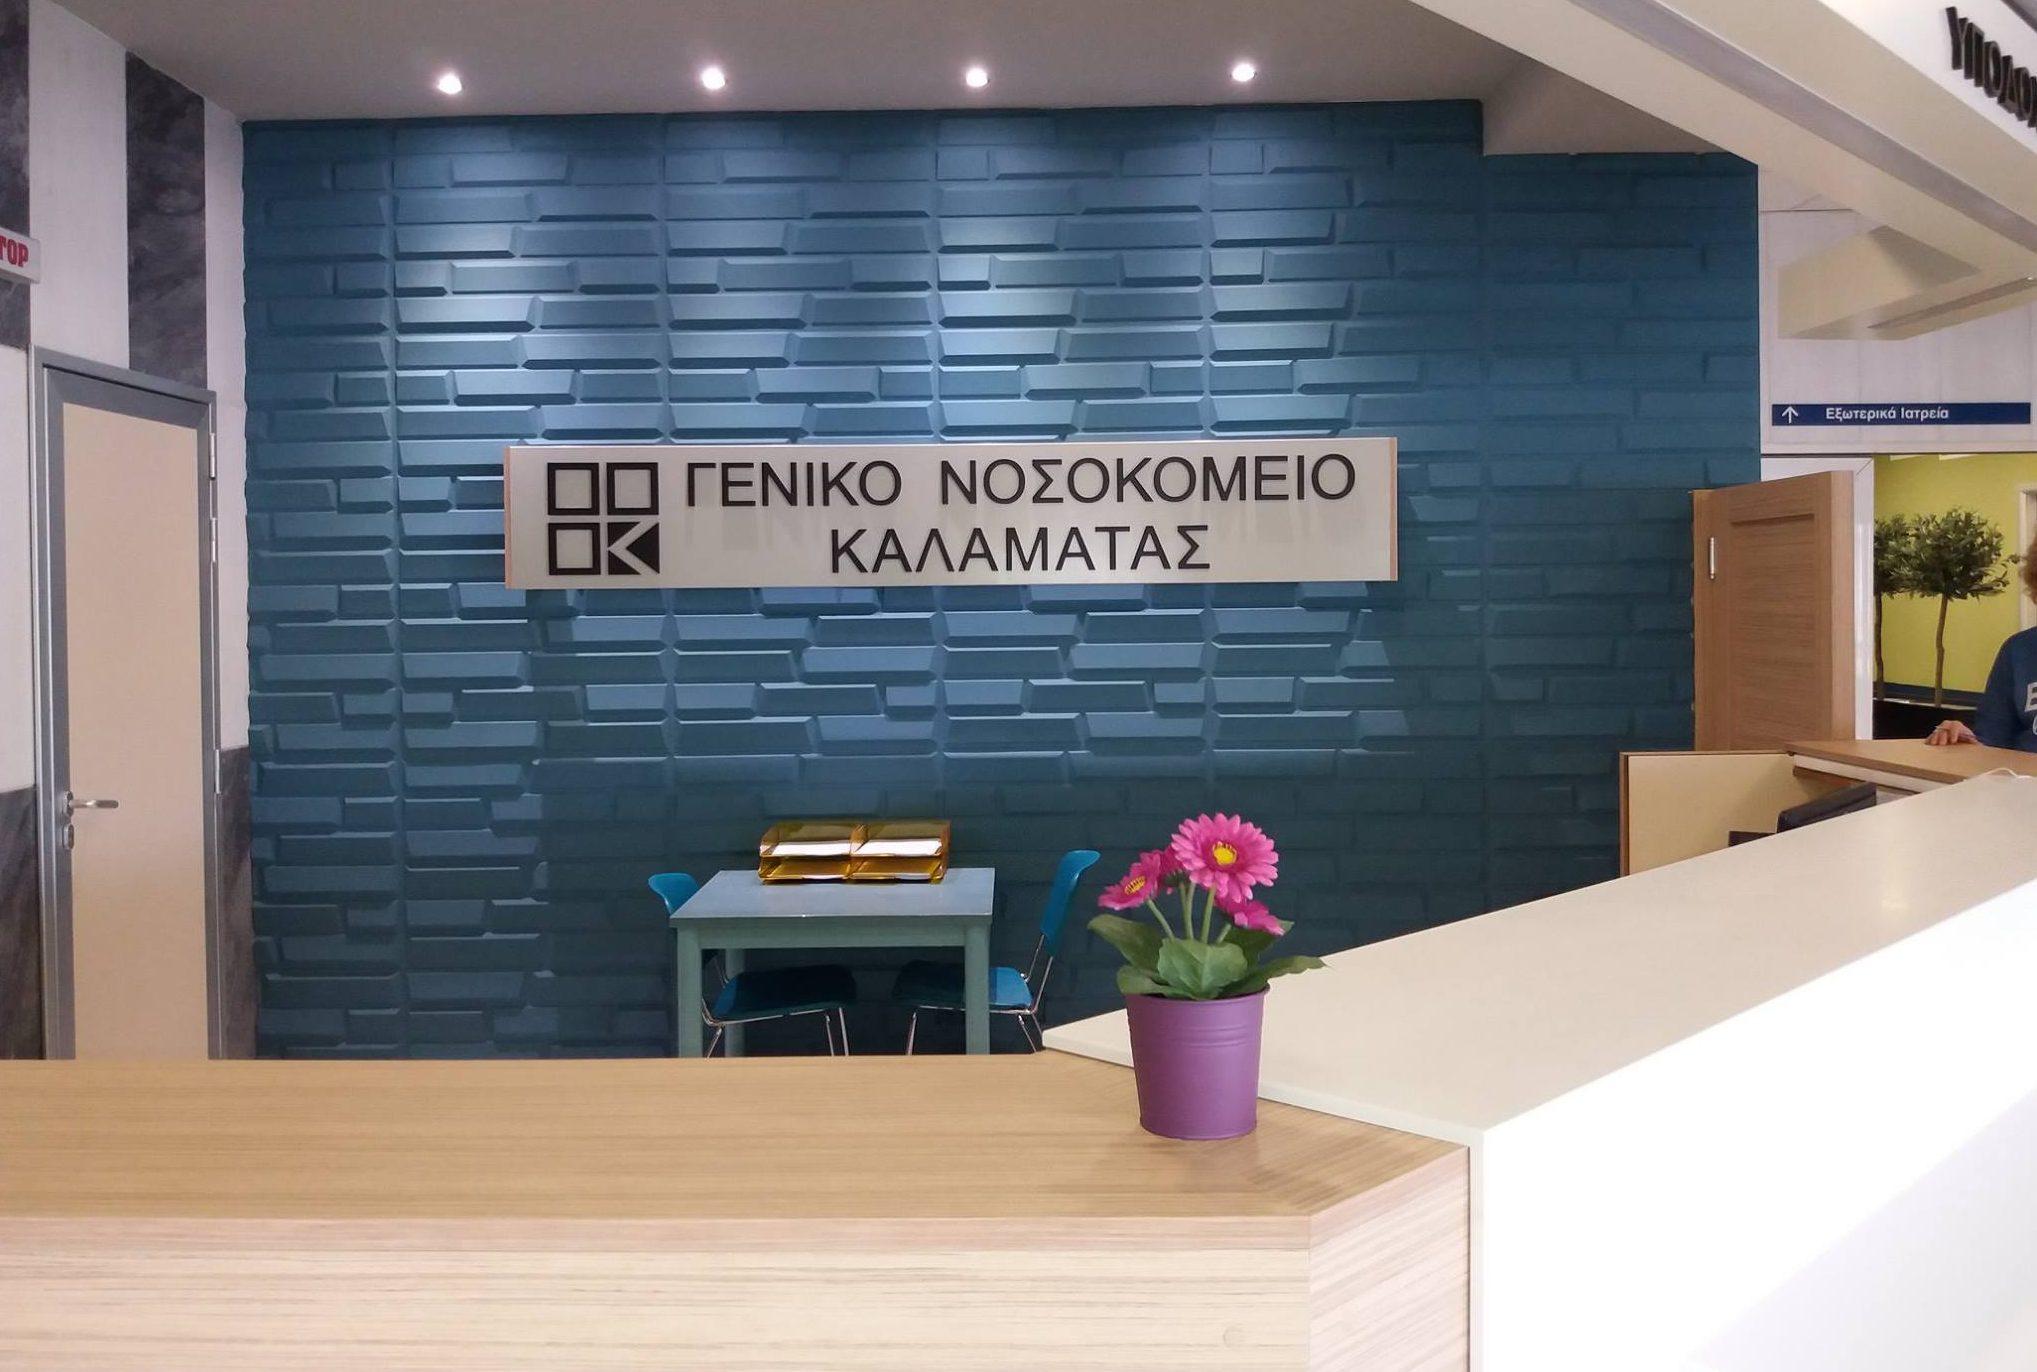 ΚΚΕ: Προβλήματα στη λειτουργία της Ψυχιατρικής Κλινικής στο Νοσοκομείο Καλαμάτας